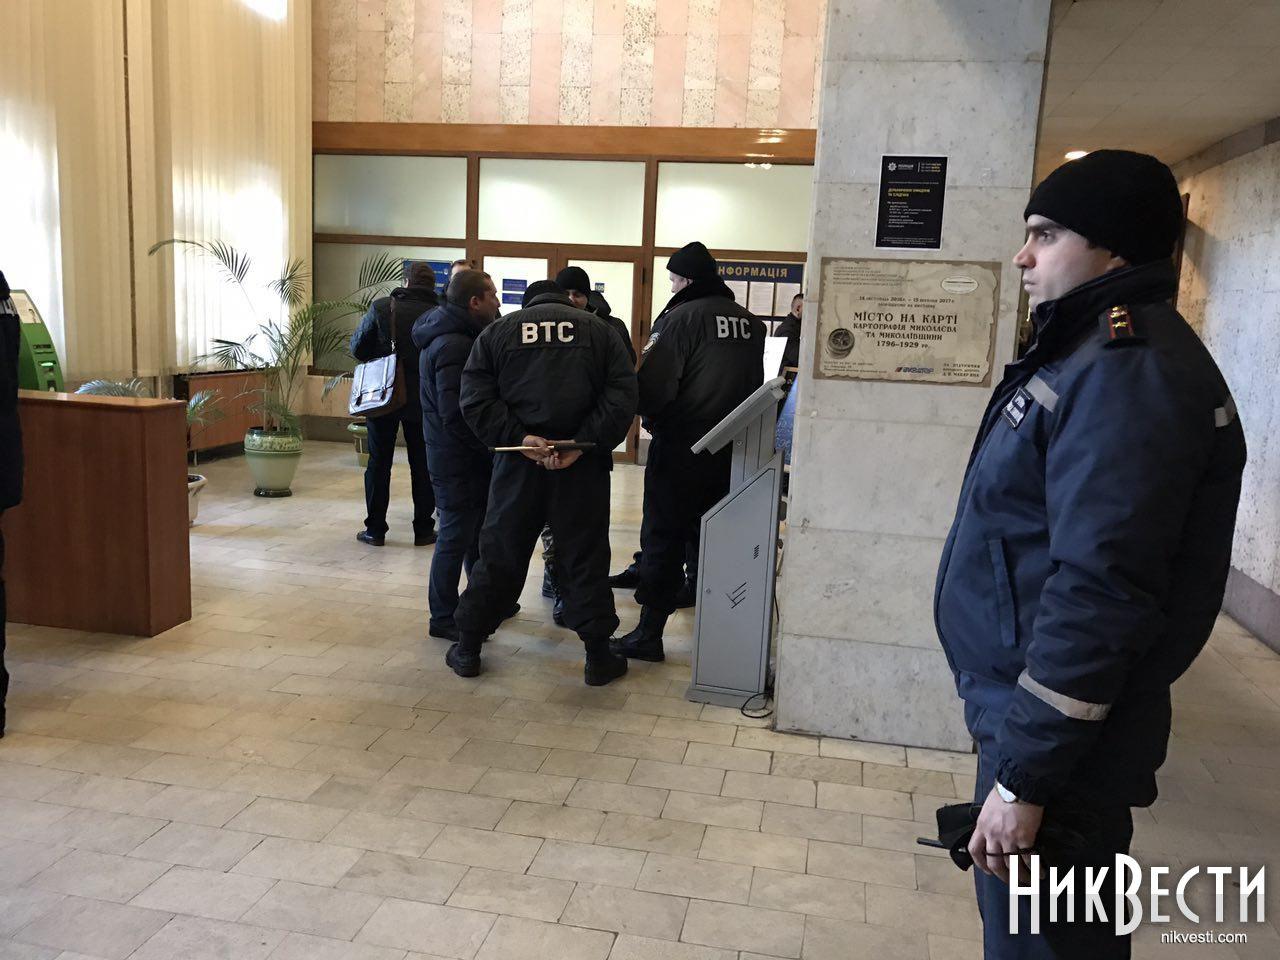 Сооружение Николаевского облсовета, где проходит сессия, «заминировали»: народные избранники приняли решение продолжать совещание